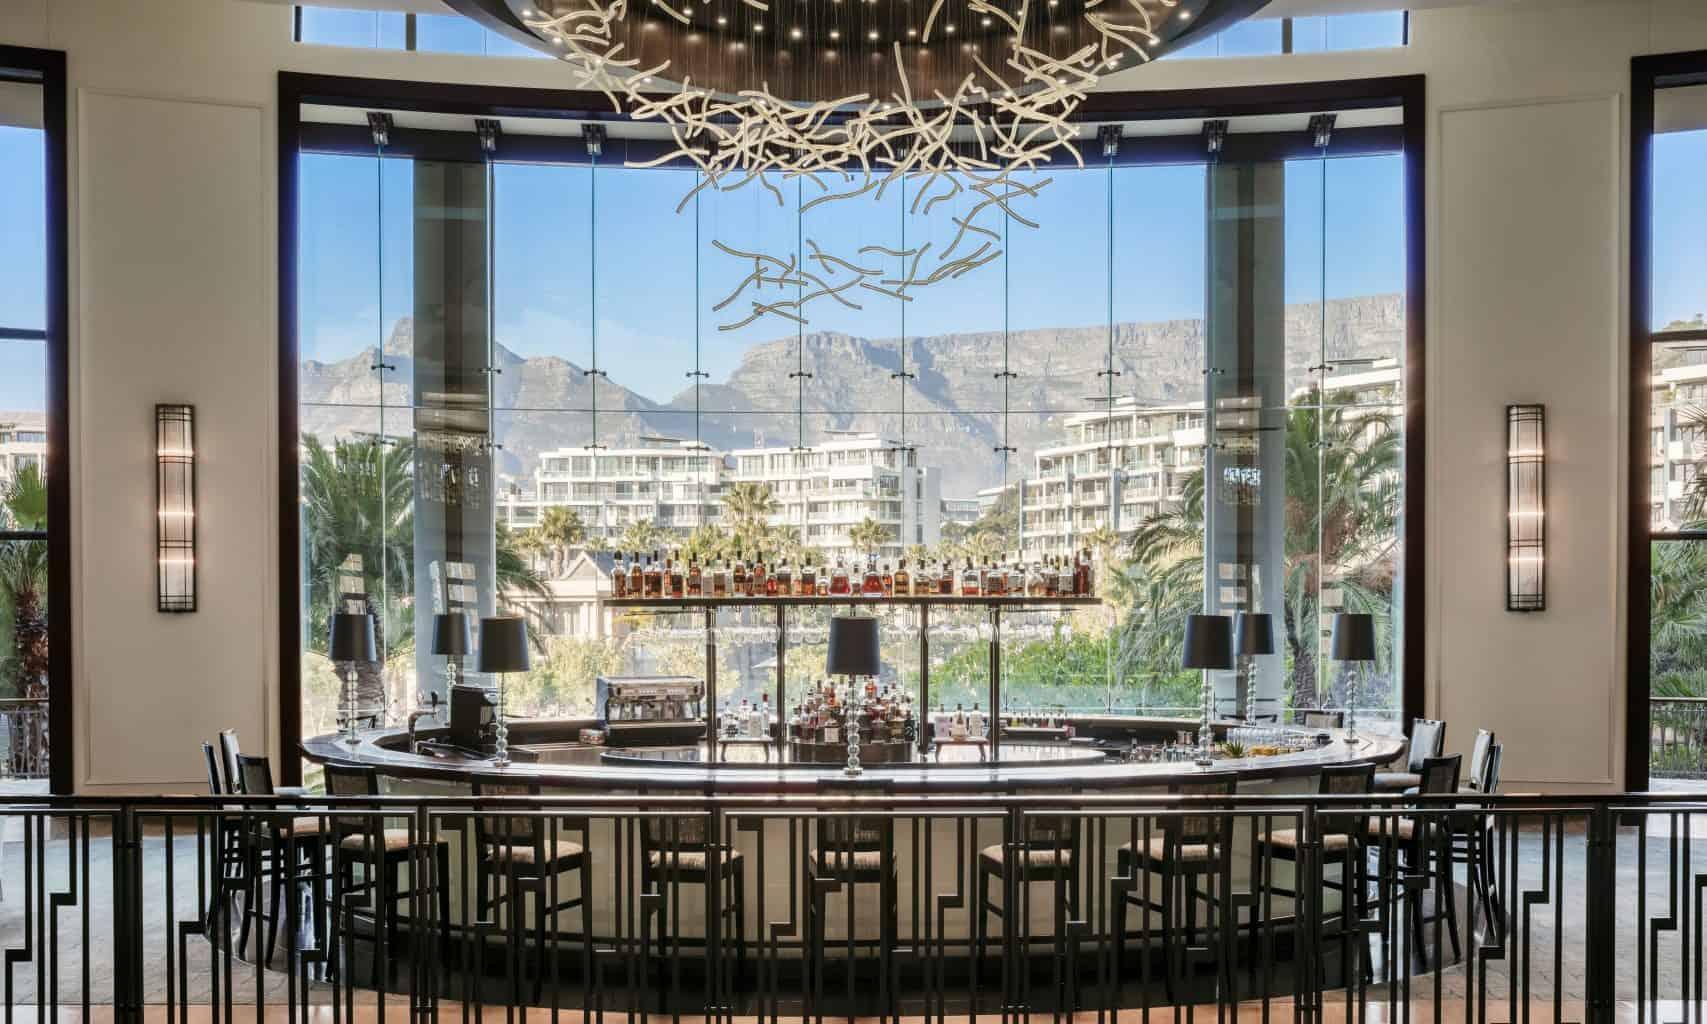 Vista Bar & Lounge